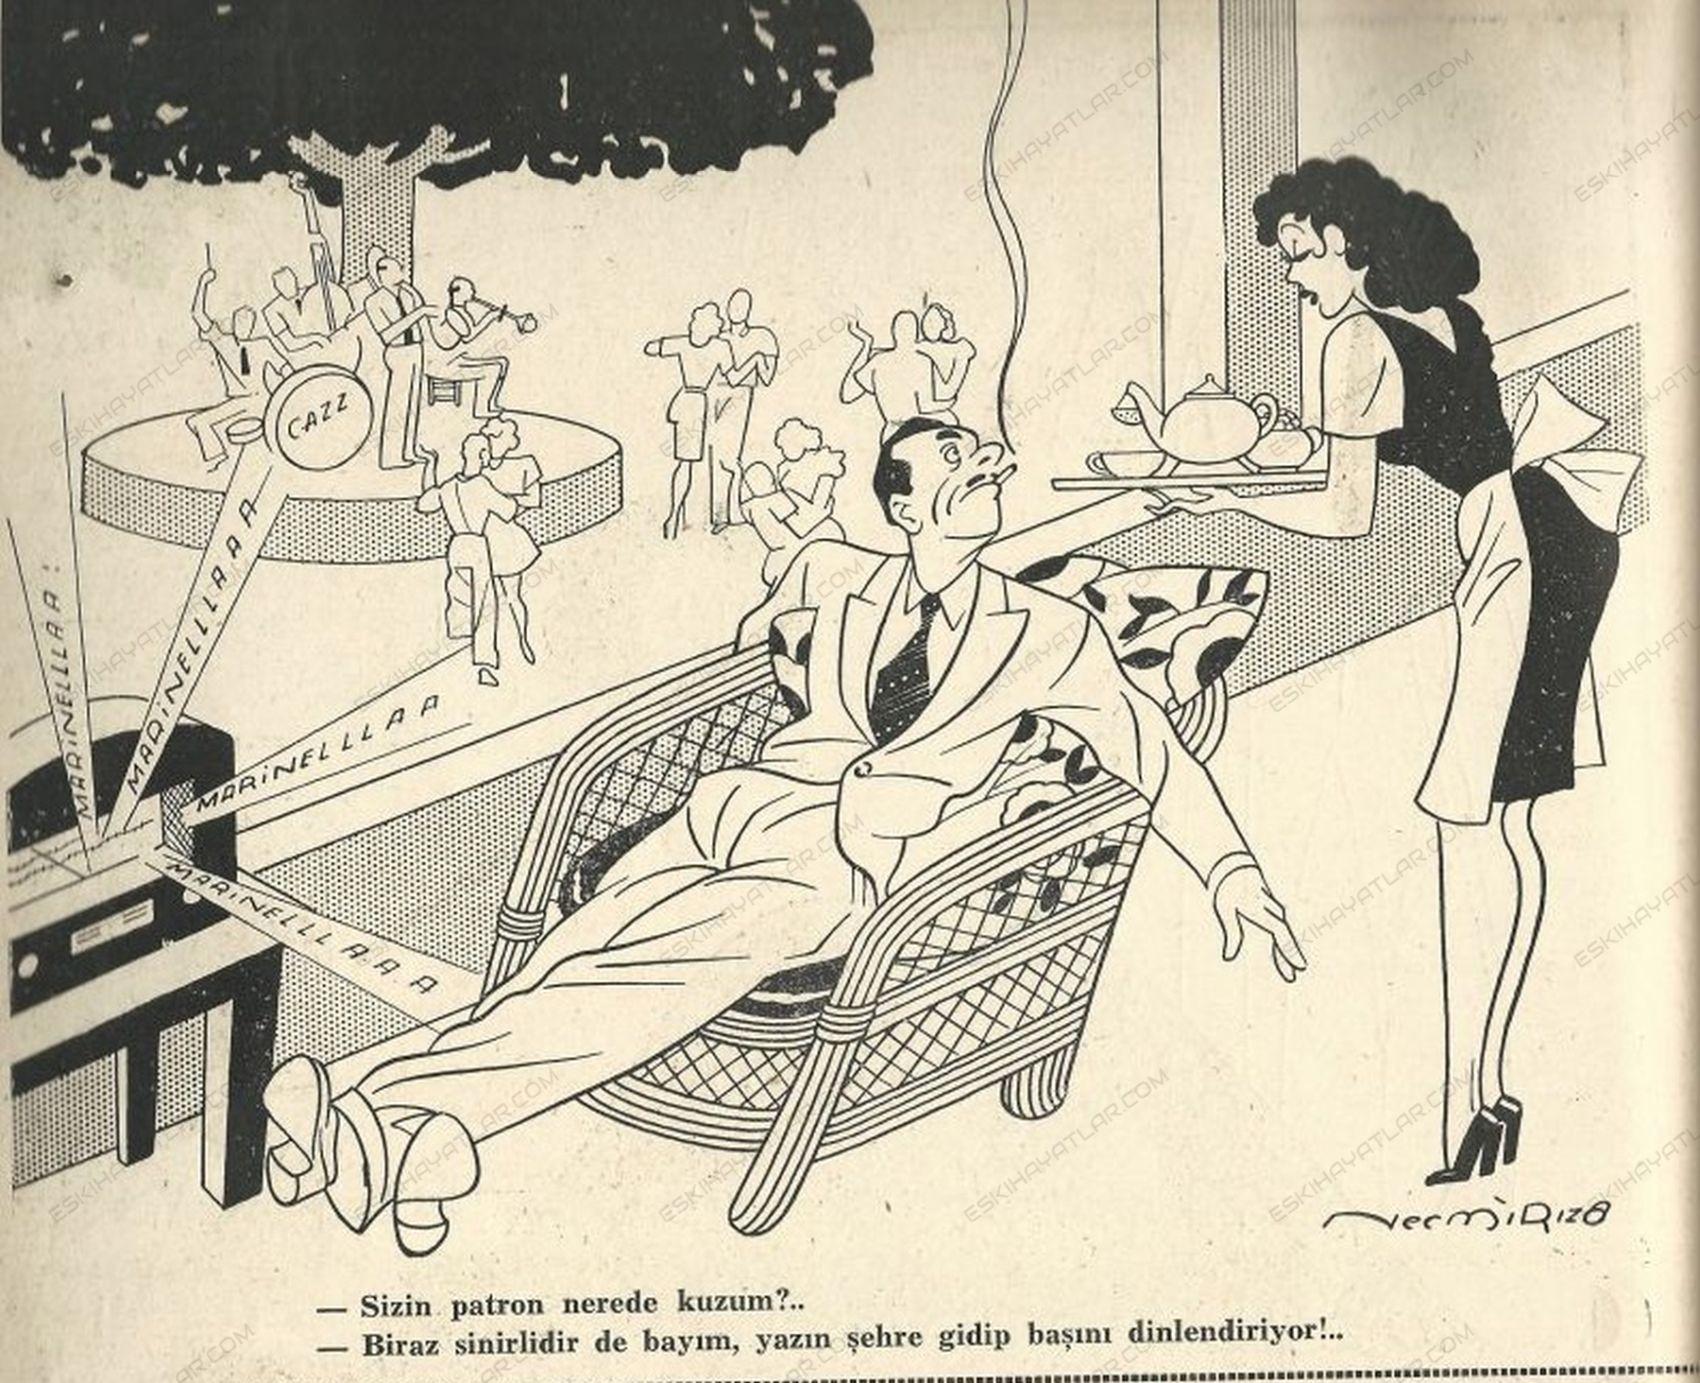 0225-akbaba-dergisi-1938-necmi-riza-karikaturleri-otuzlu-yillarda-gunluk-yasam